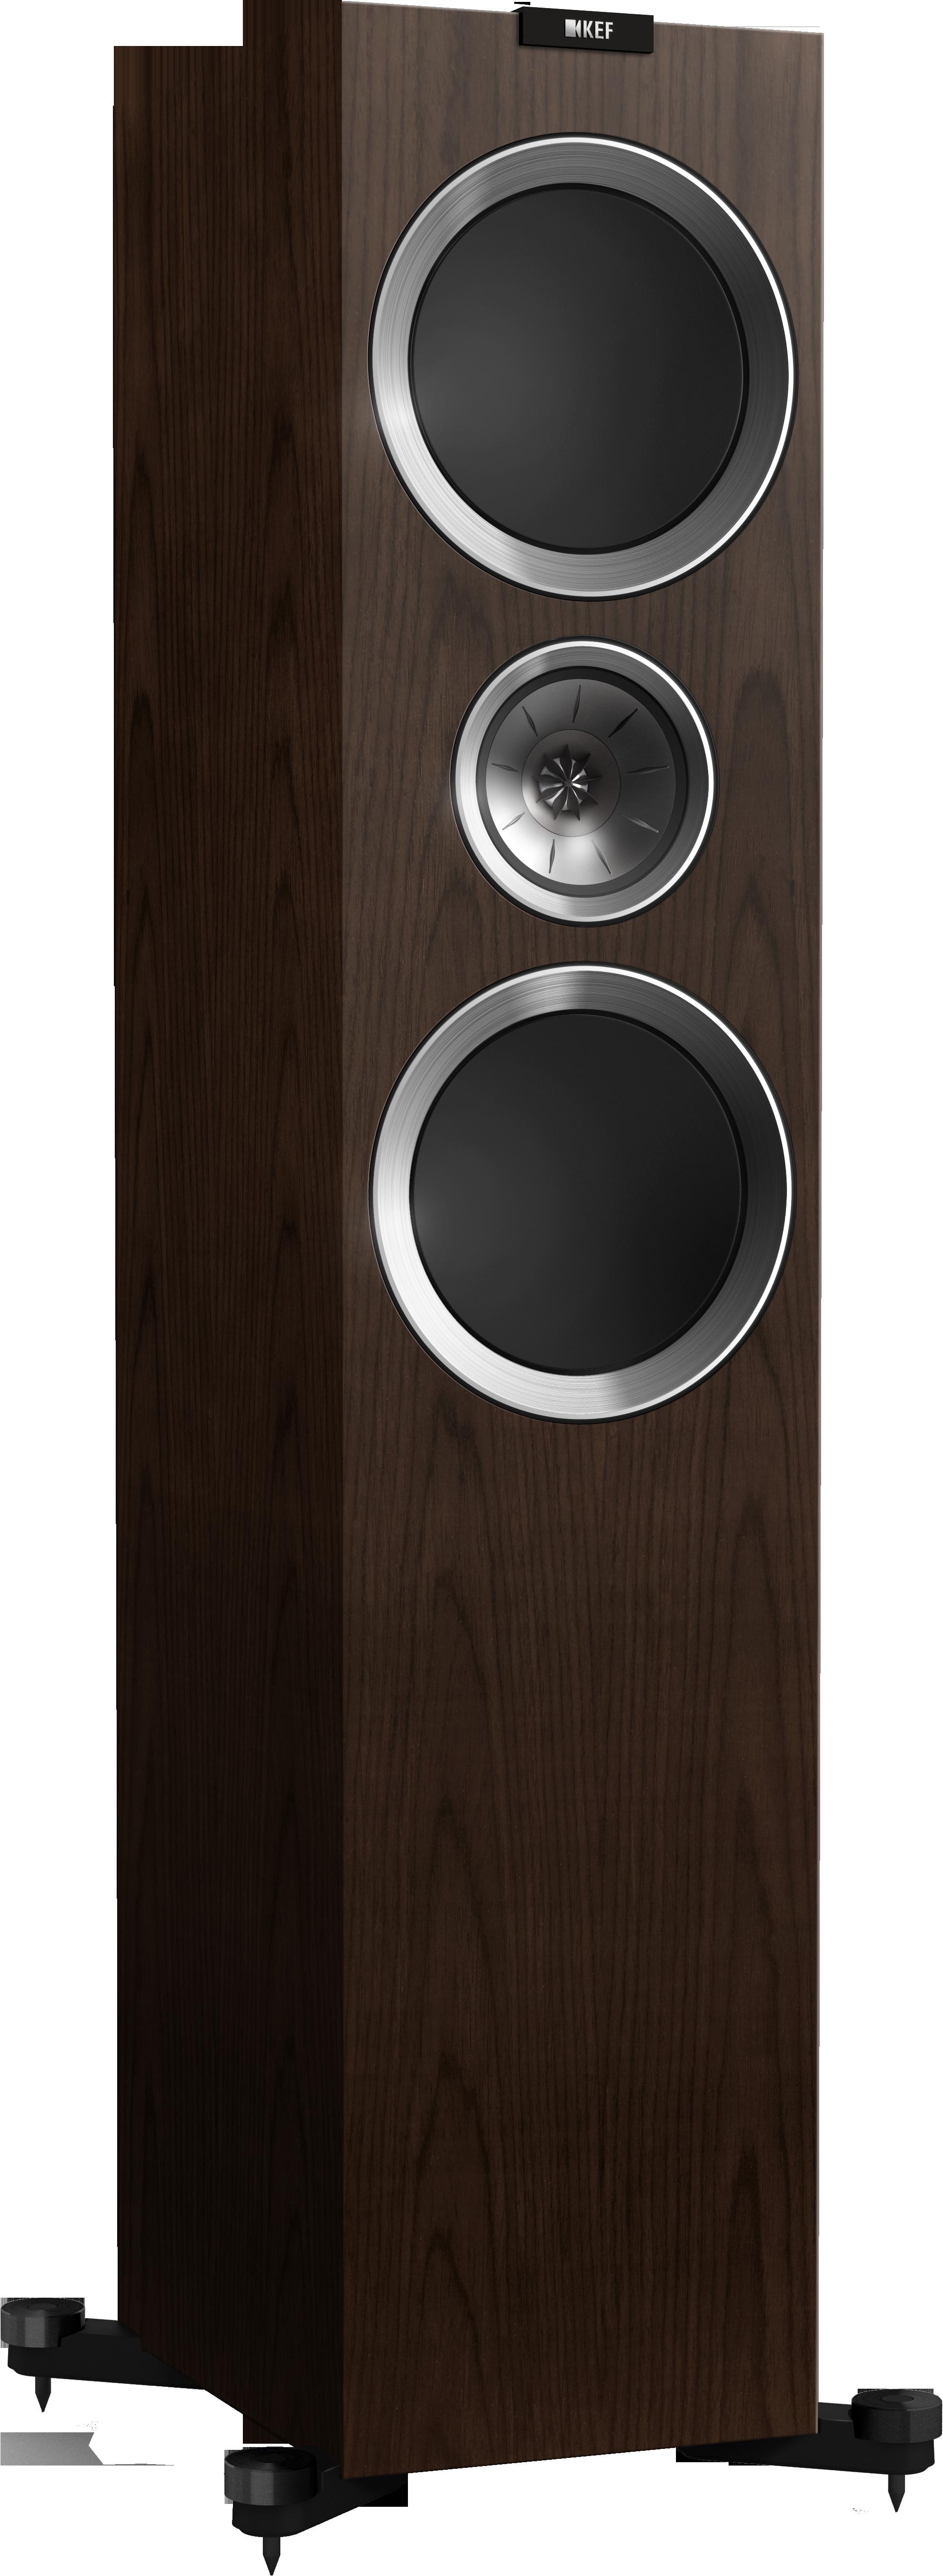 R900 Floorstanding Speaker